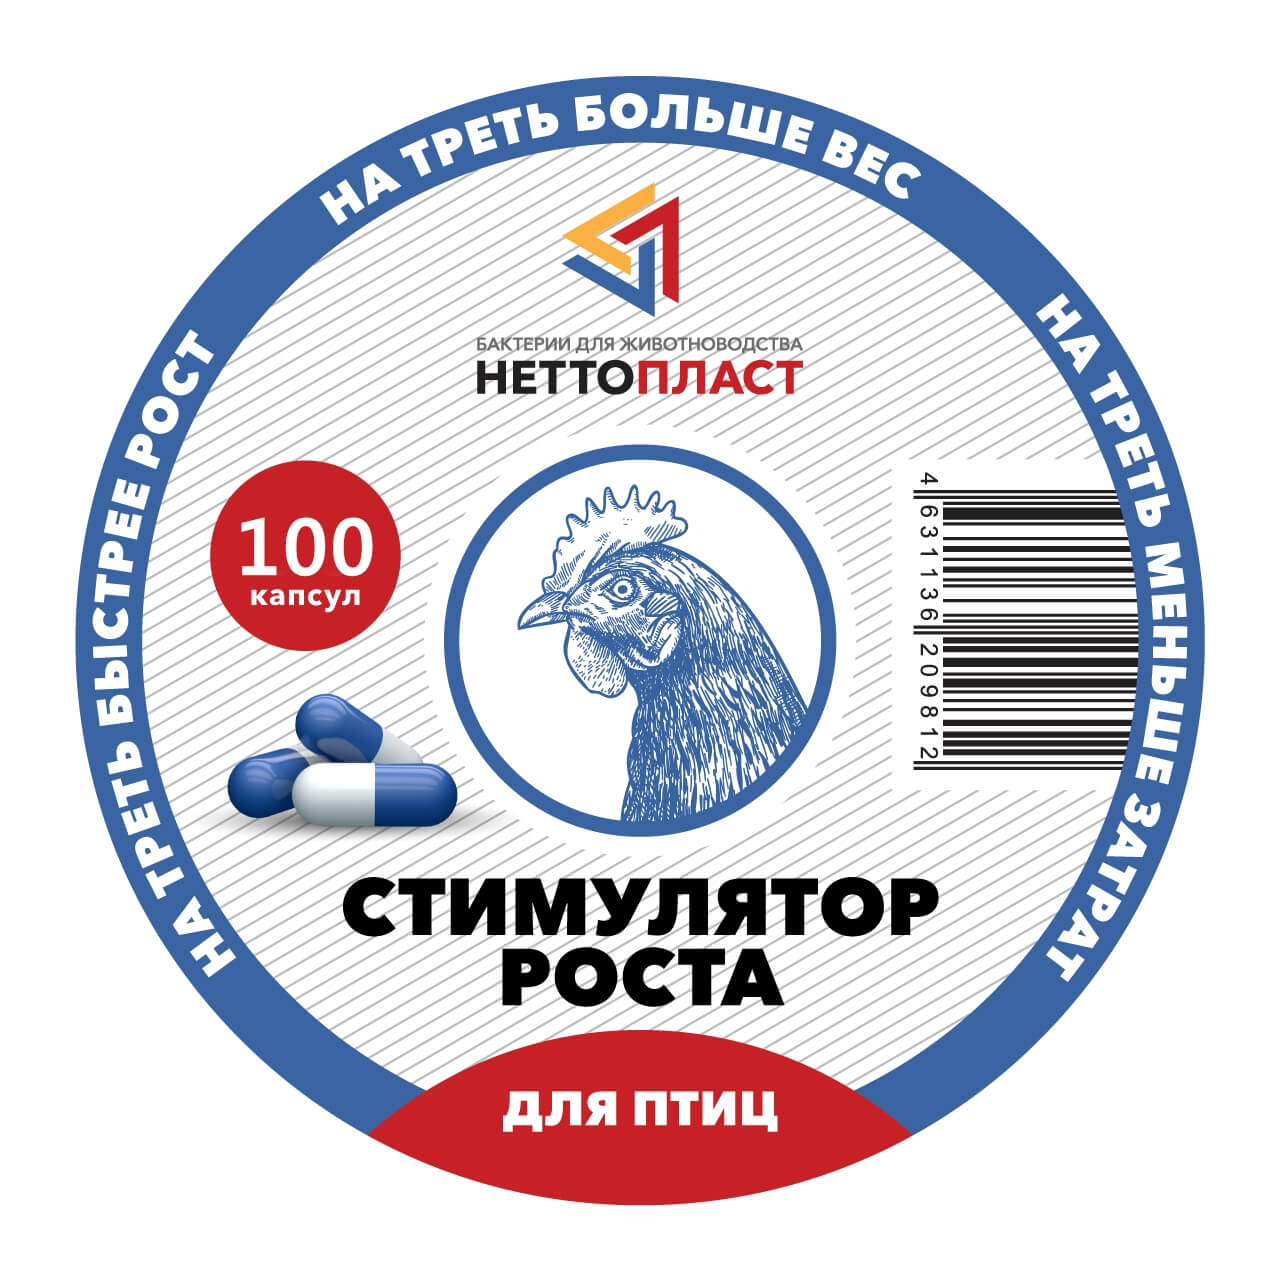 Стимулятор роста 100 капсул купить в Краснодаре